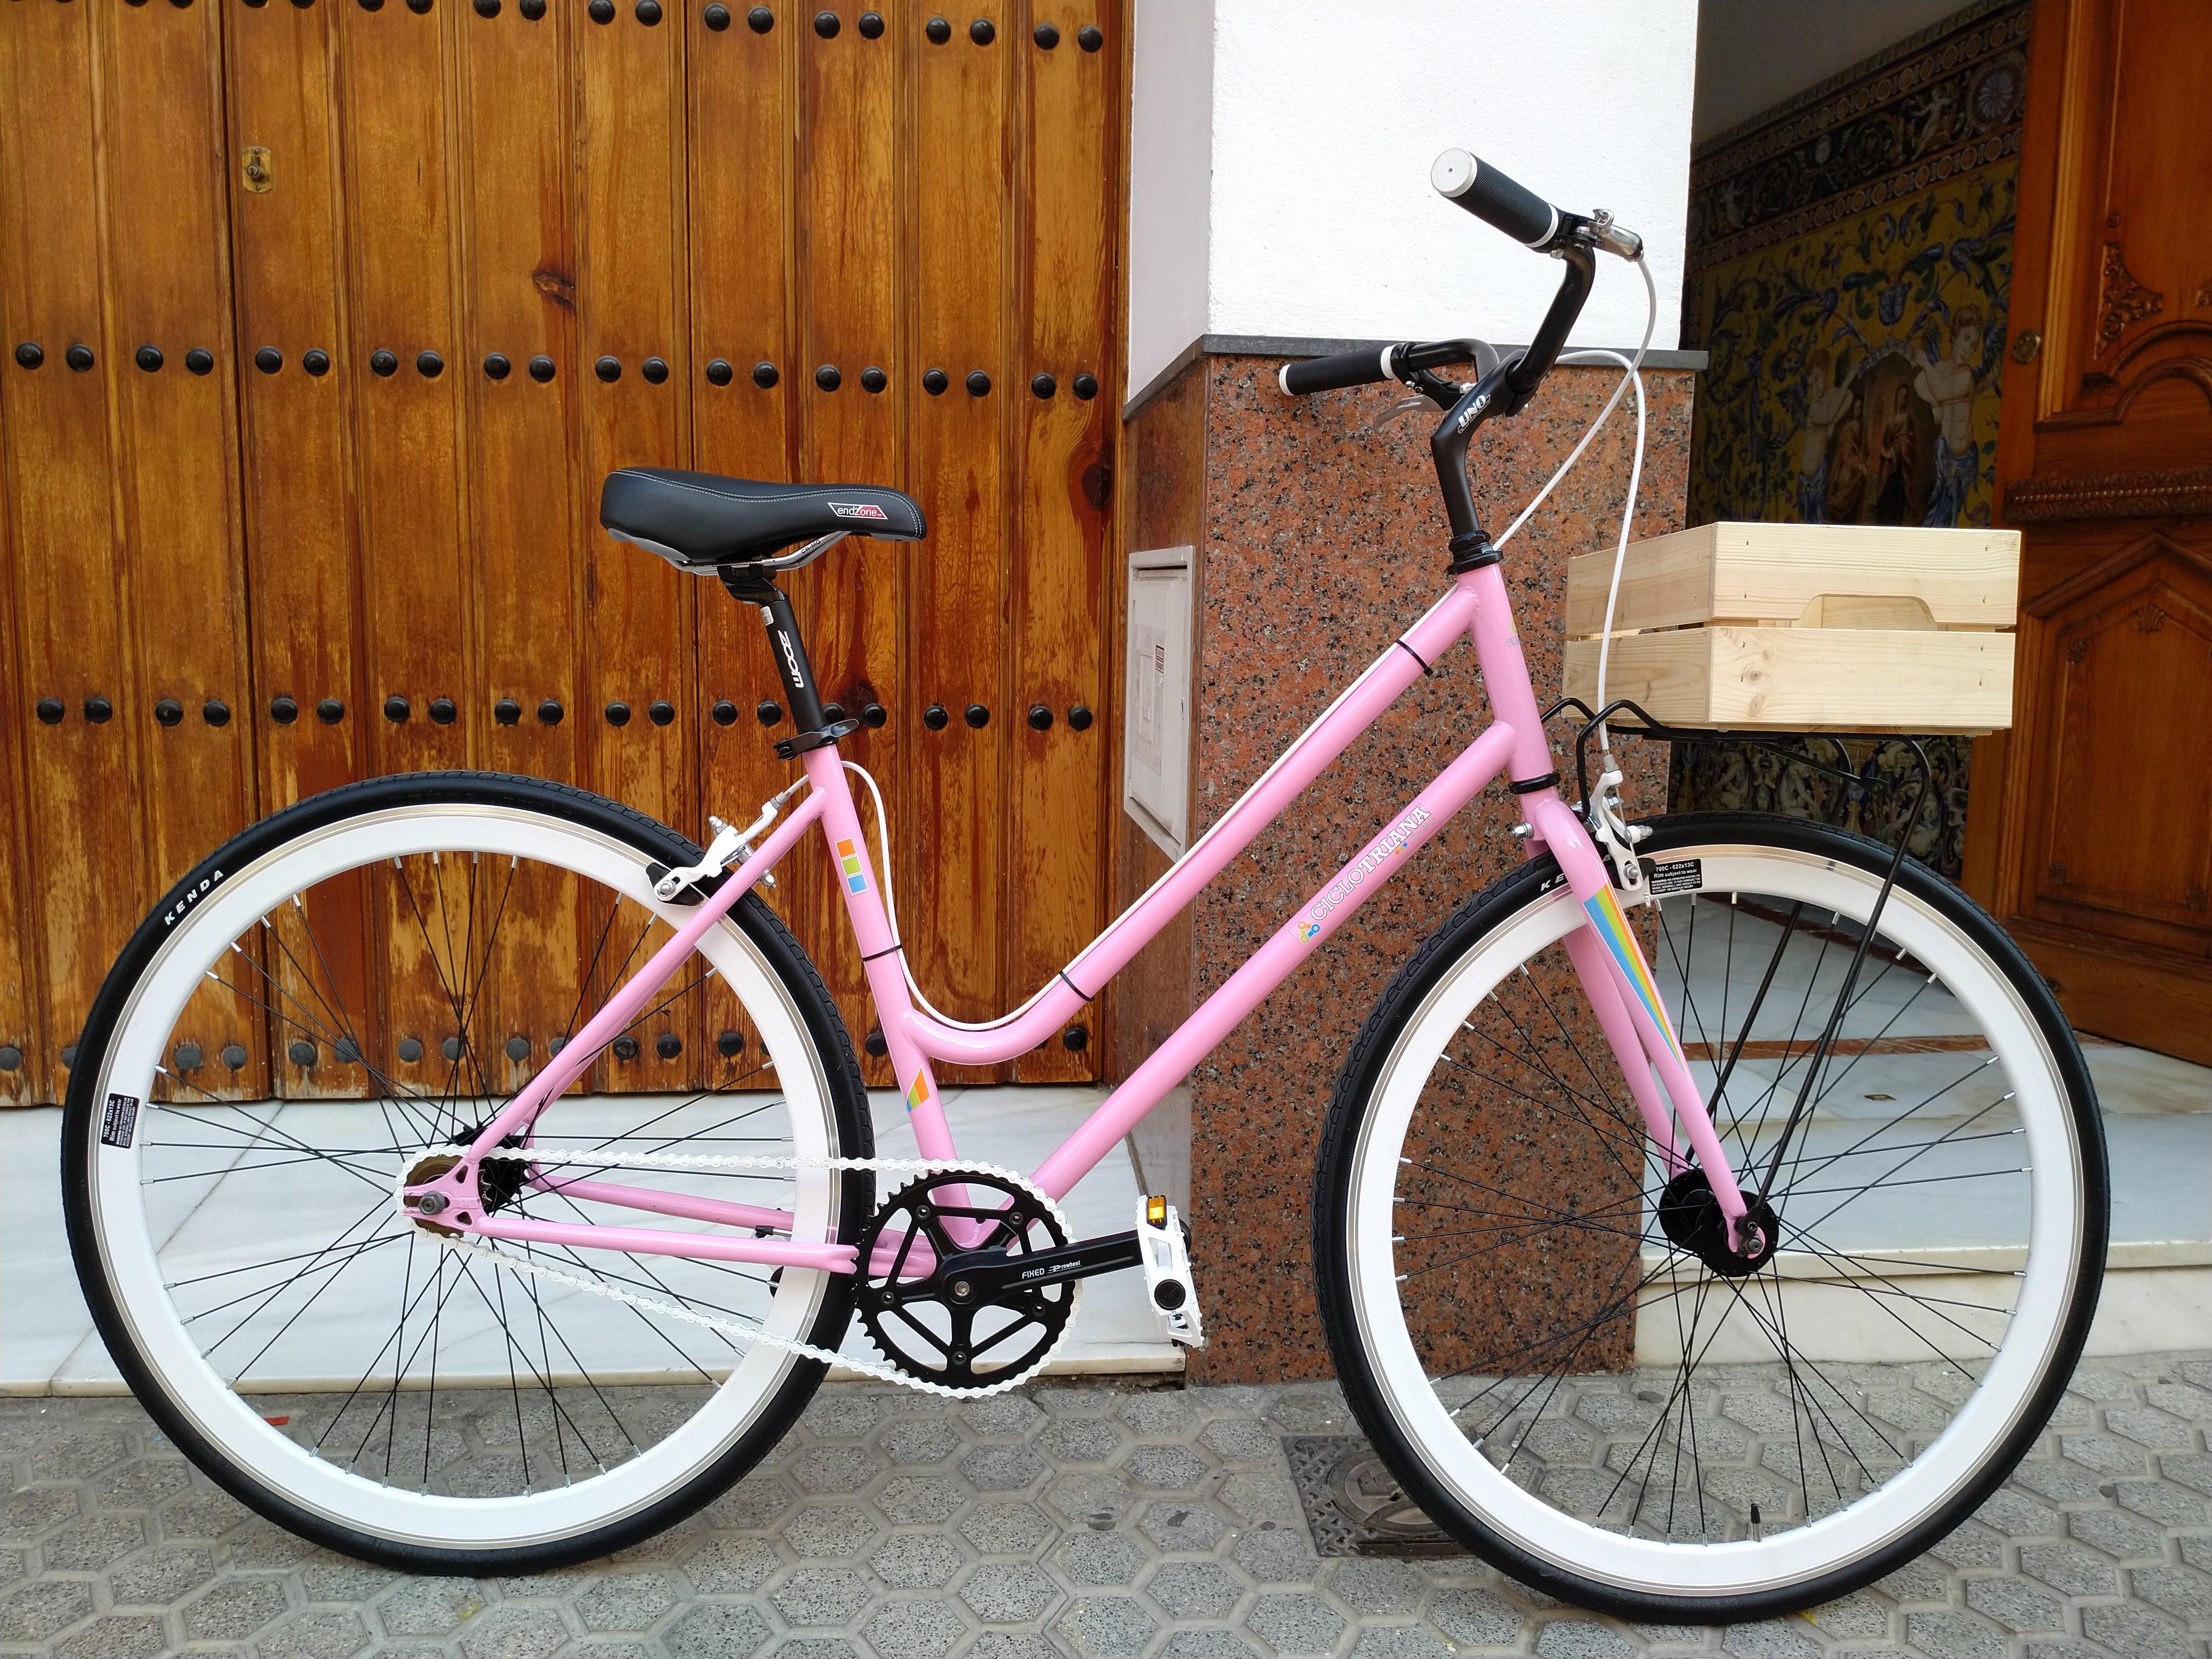 Encargo Single Speed Paseo Rosa y blanca con Caja madera